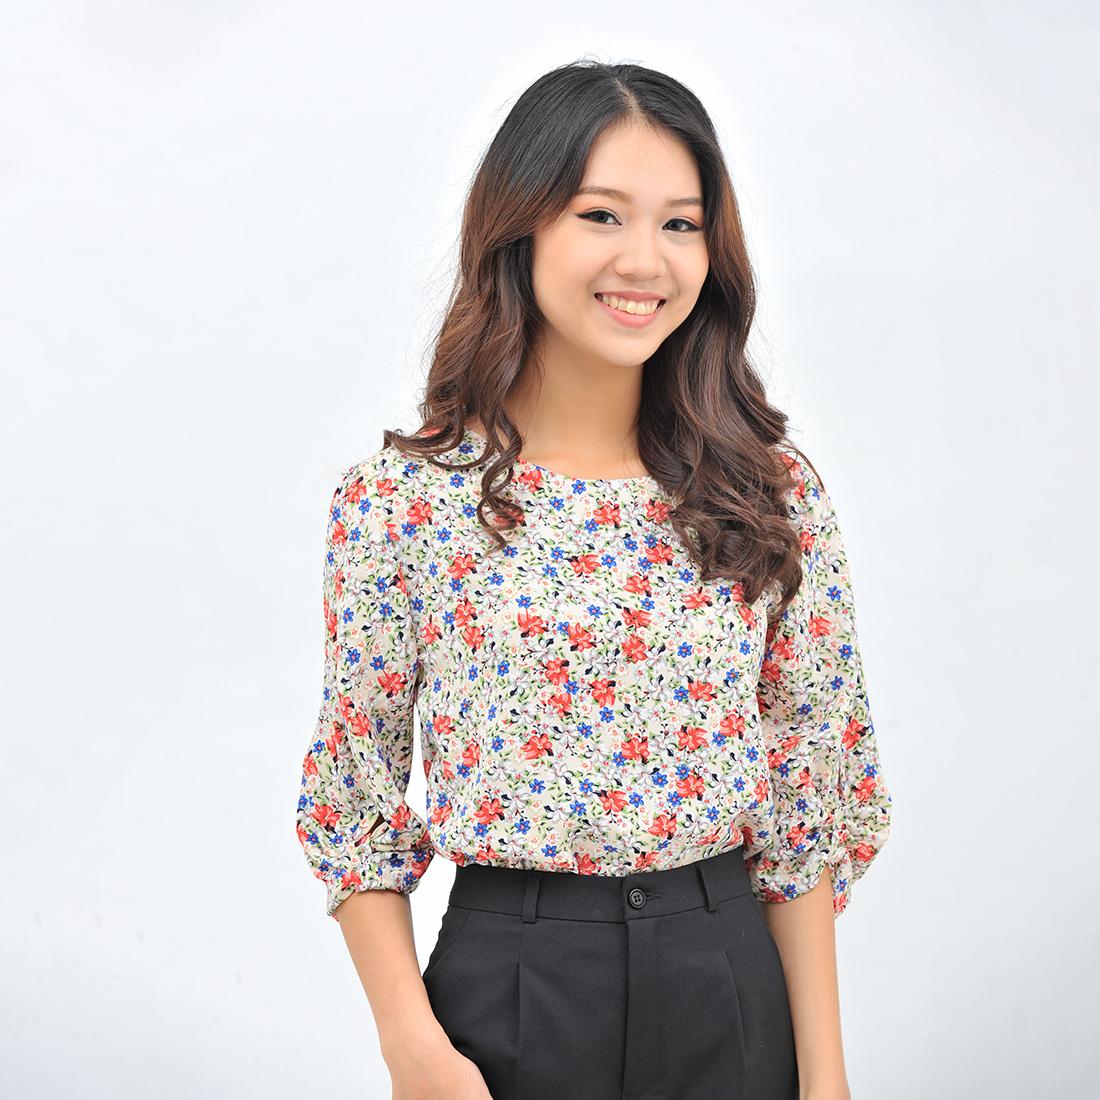 Áo kiểu nữ thời trang Eden họa tiết hoa cổ tròn tay lỡ các điệu – ASM102